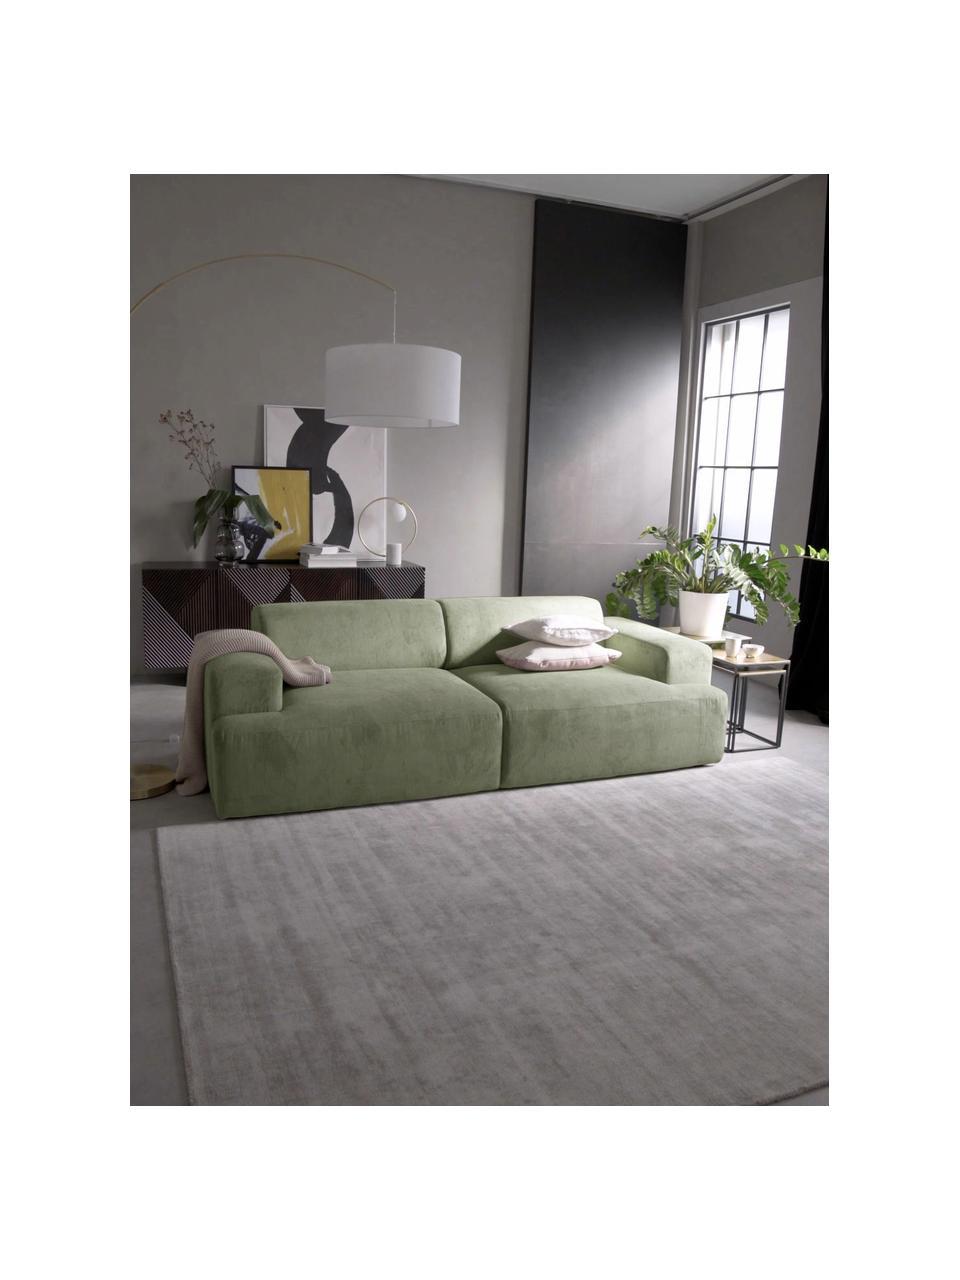 Canapé 3places velours côtelé vert Melva, Velours côtelé vert